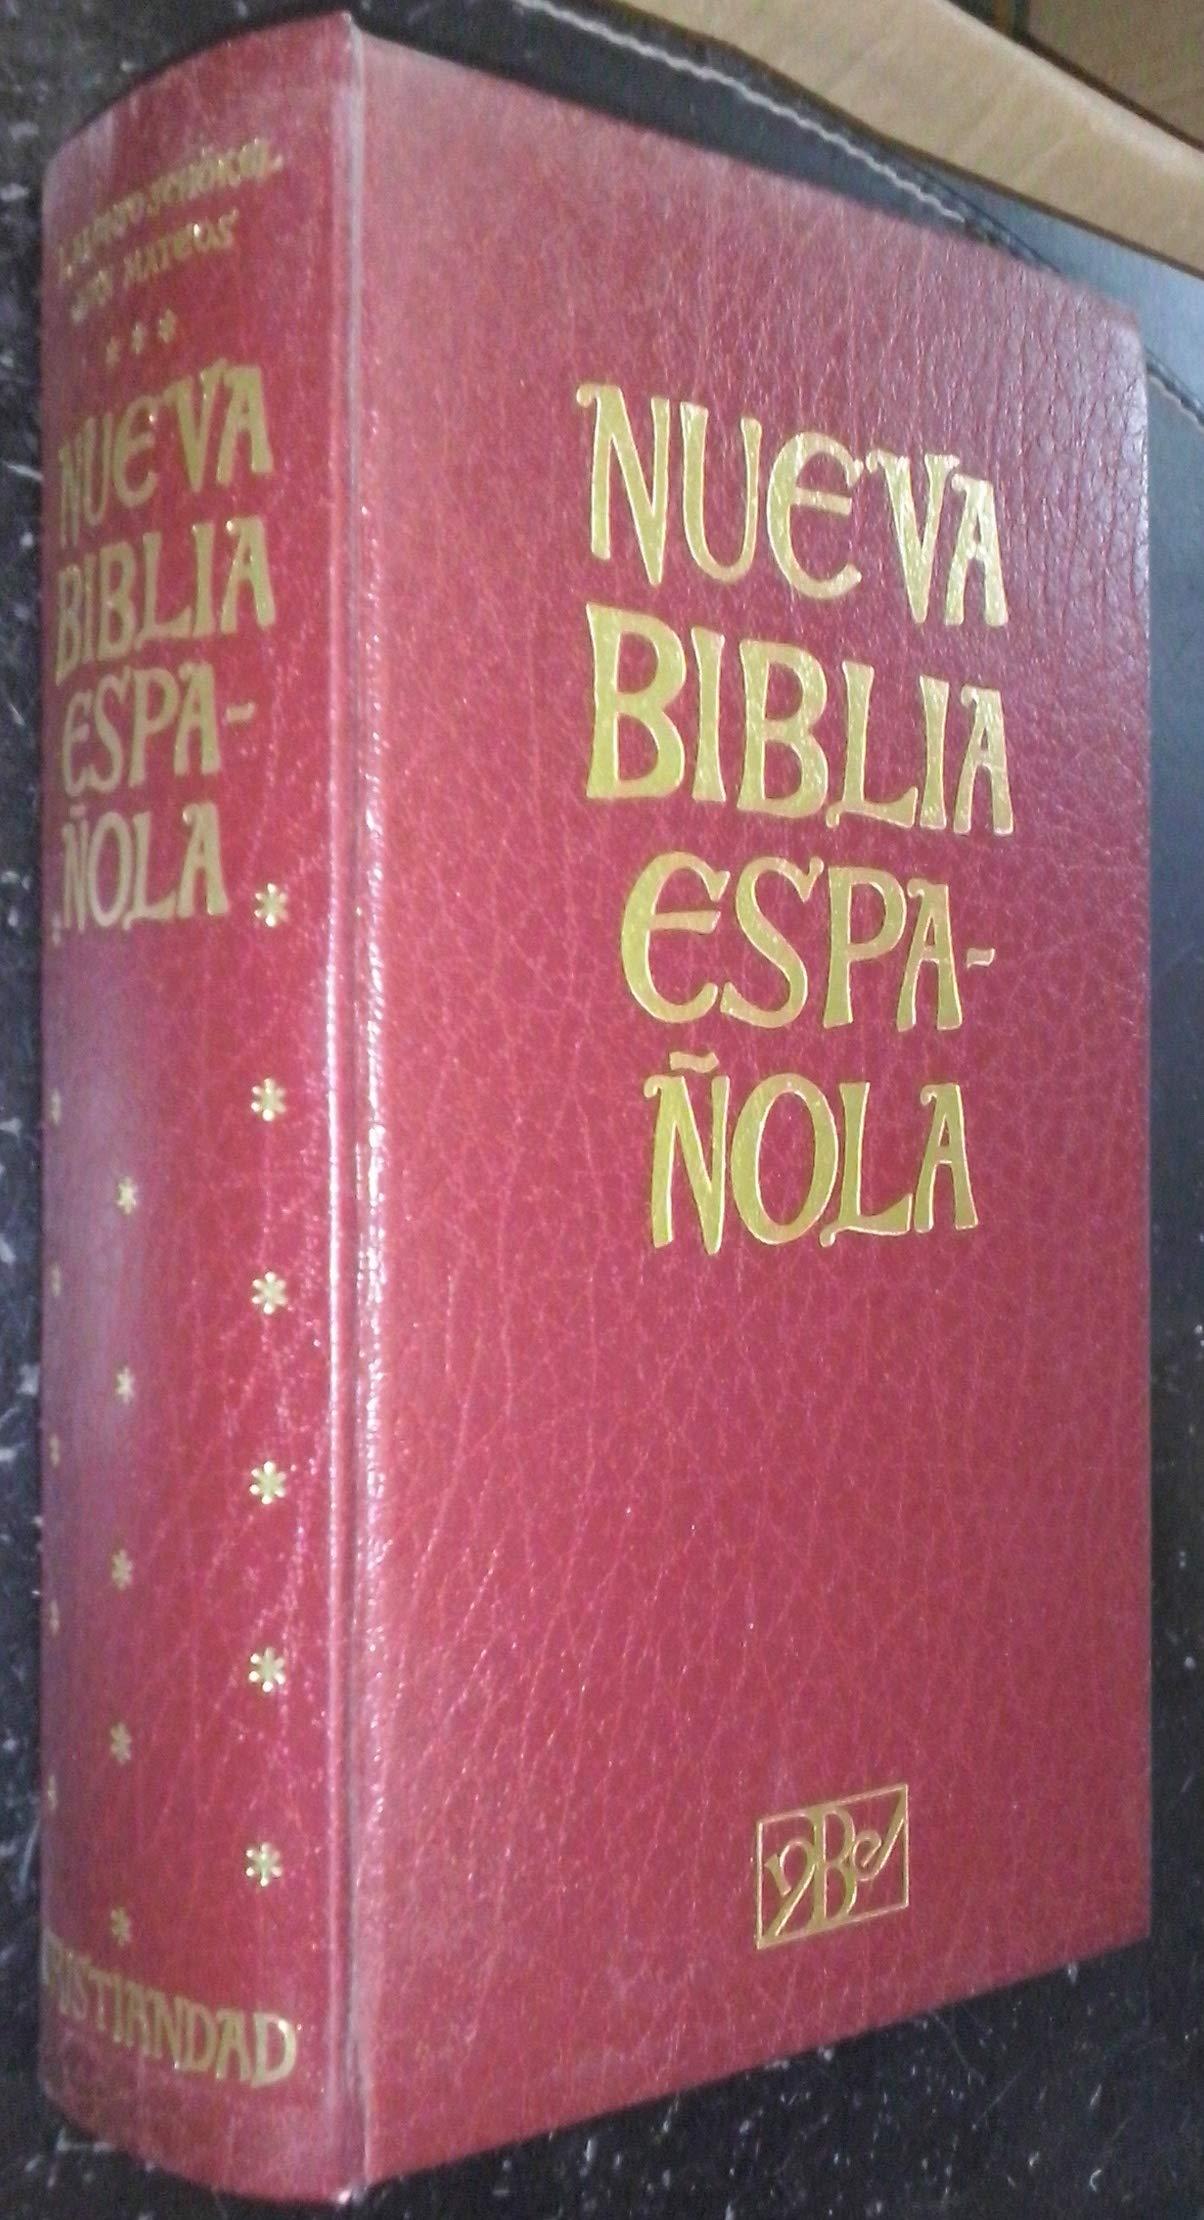 NUEVA BIBLIA ESPAÑOLA: Amazon.es: Schökel - Mateos: Libros